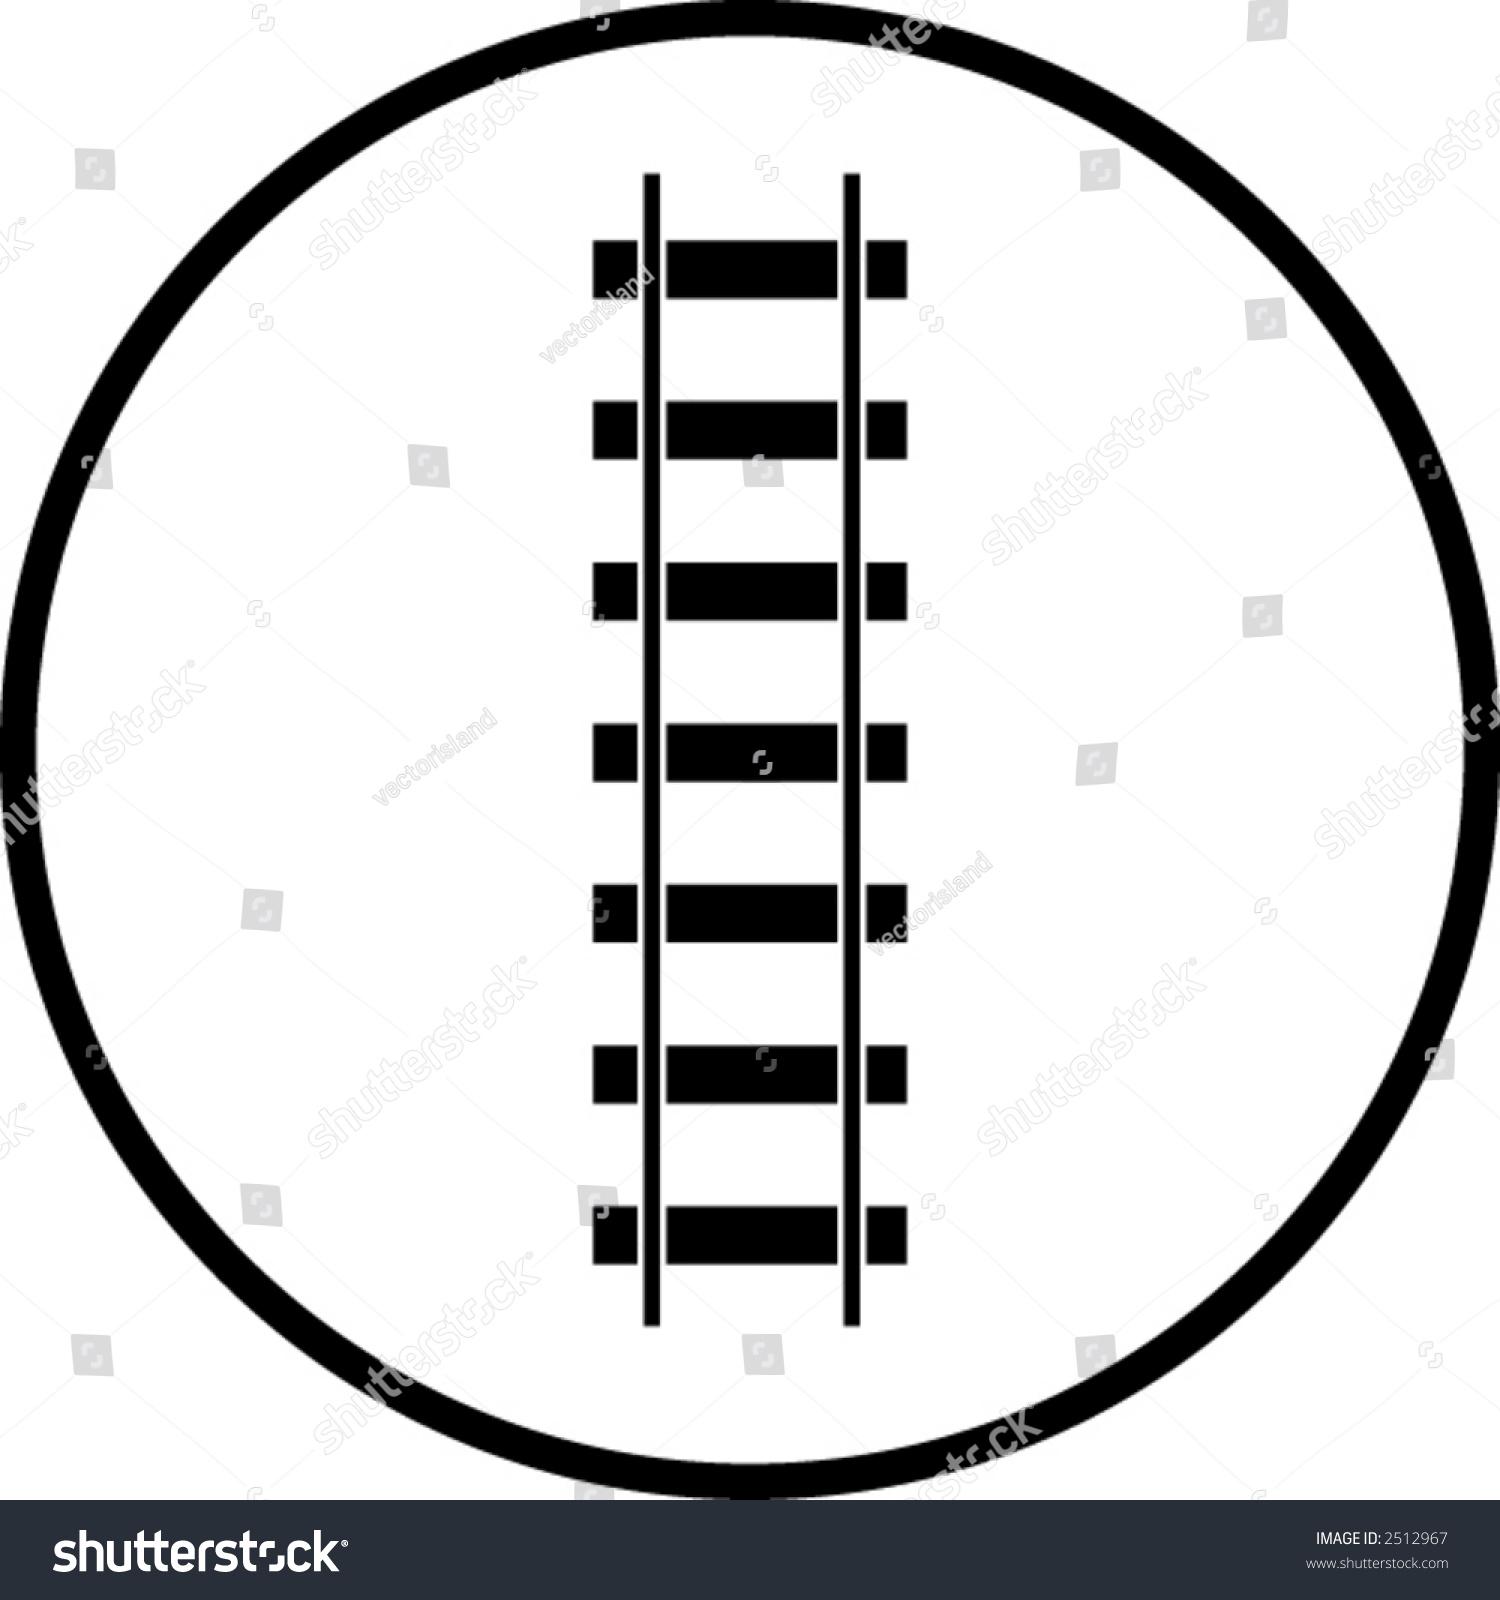 Railroad Symbol Stock Vector Illustration 2512967 : Shutterstock